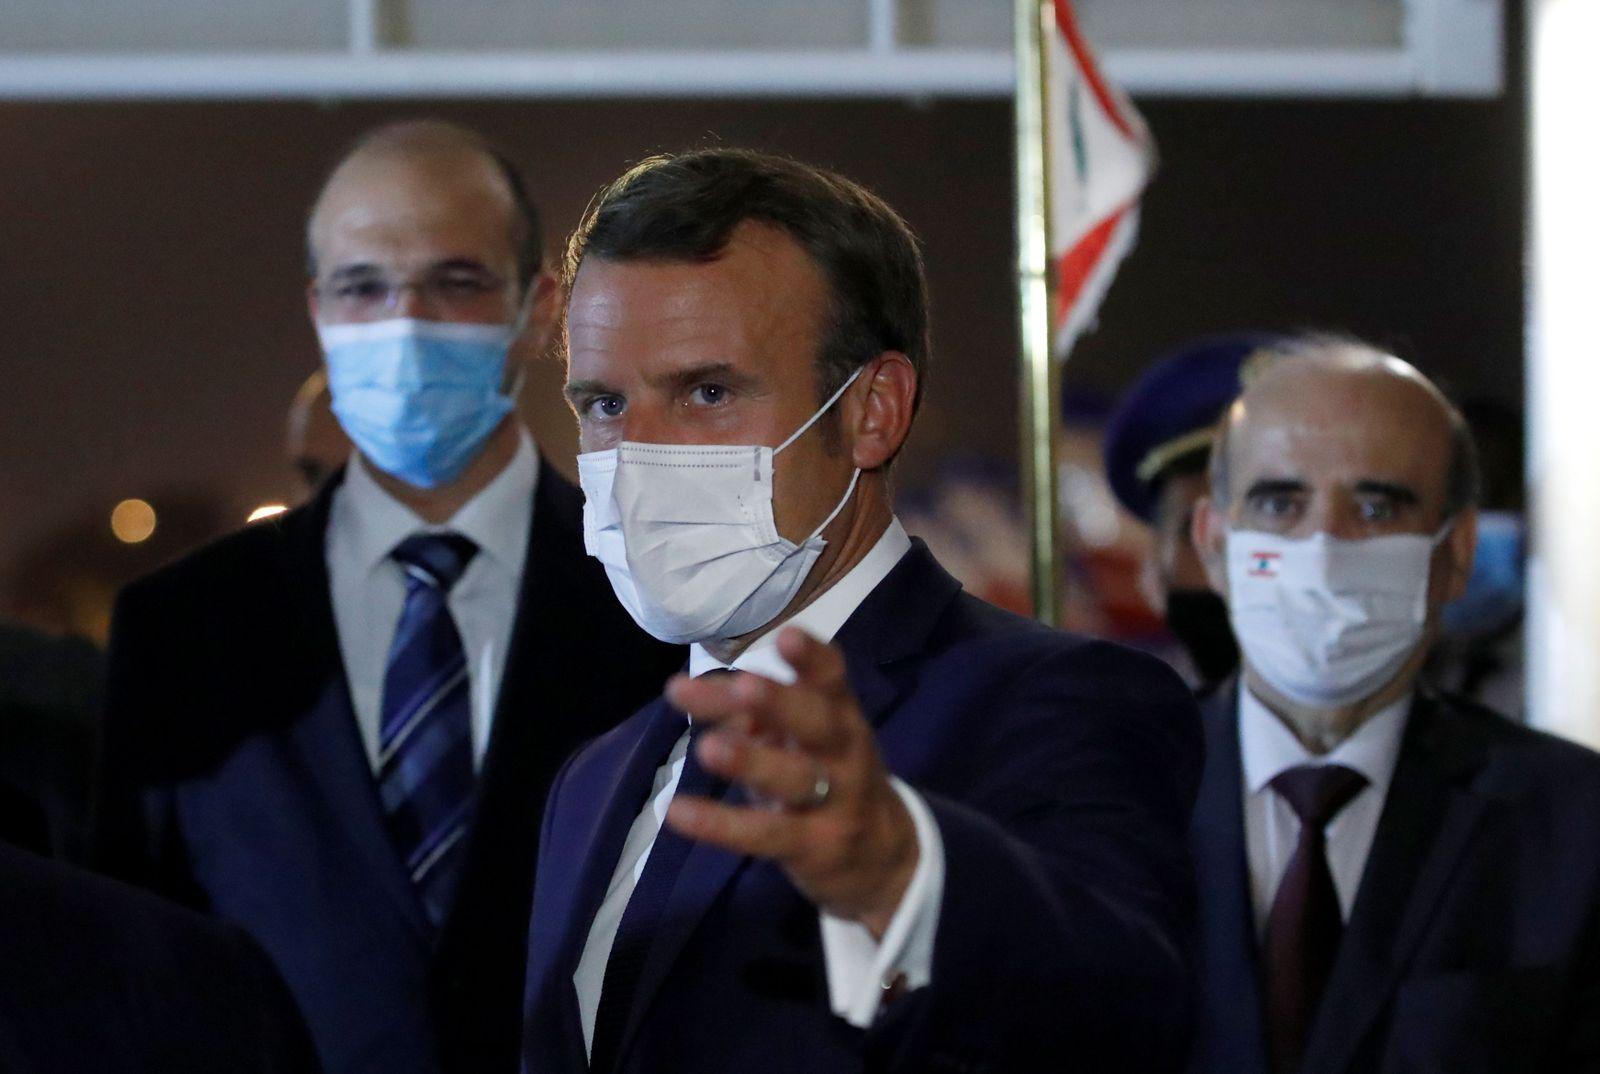 Emmanuel Macron visits Beirut, Lebanon - 31 Aug 2020